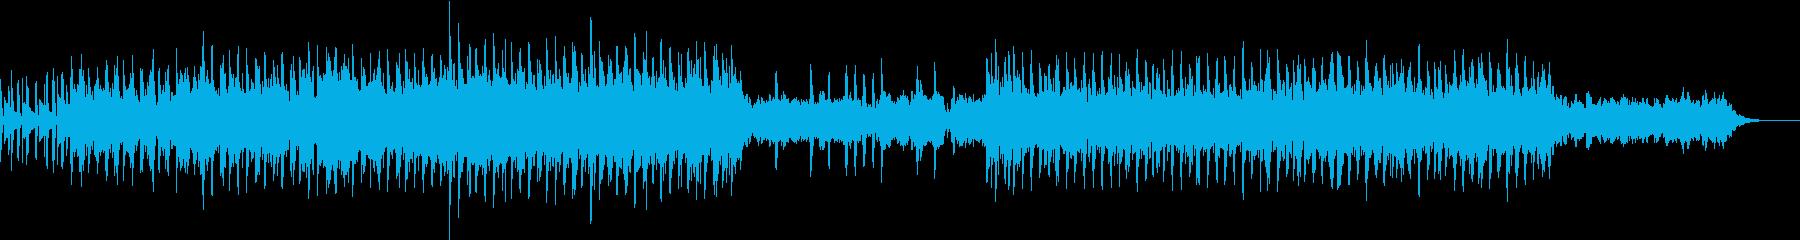 シンセがバックで鳴り続ける怪しい曲の再生済みの波形